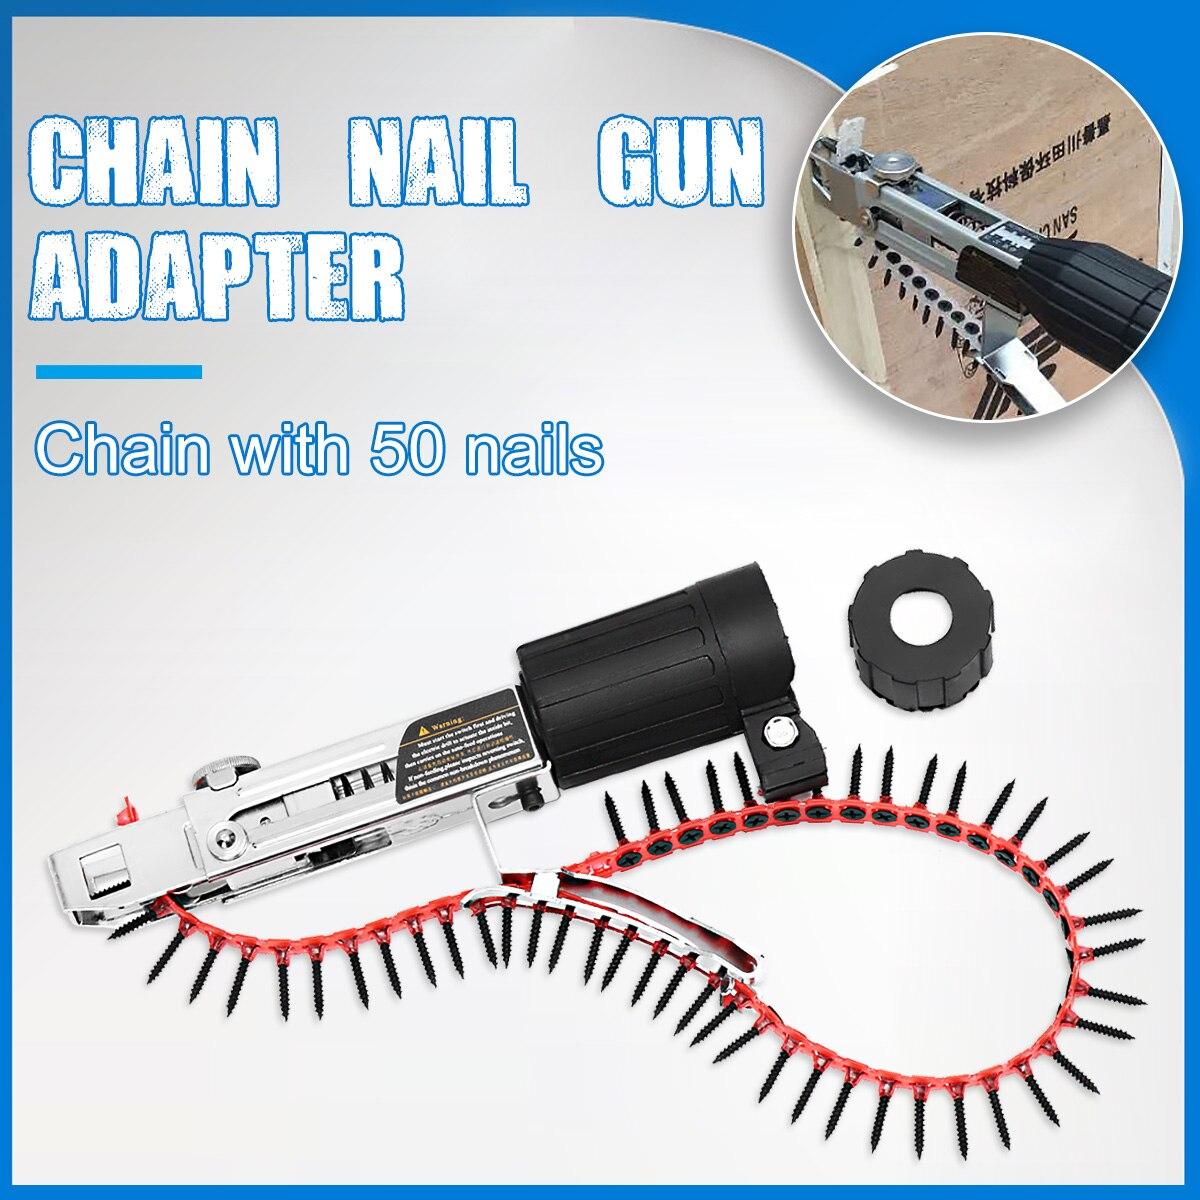 Drillpro Automatique Chaîne Nail Gun Adaptateur Vis Gun pour Perceuse Électrique Outil de Travail Du Bois Sans Fil Attachement Perceuse